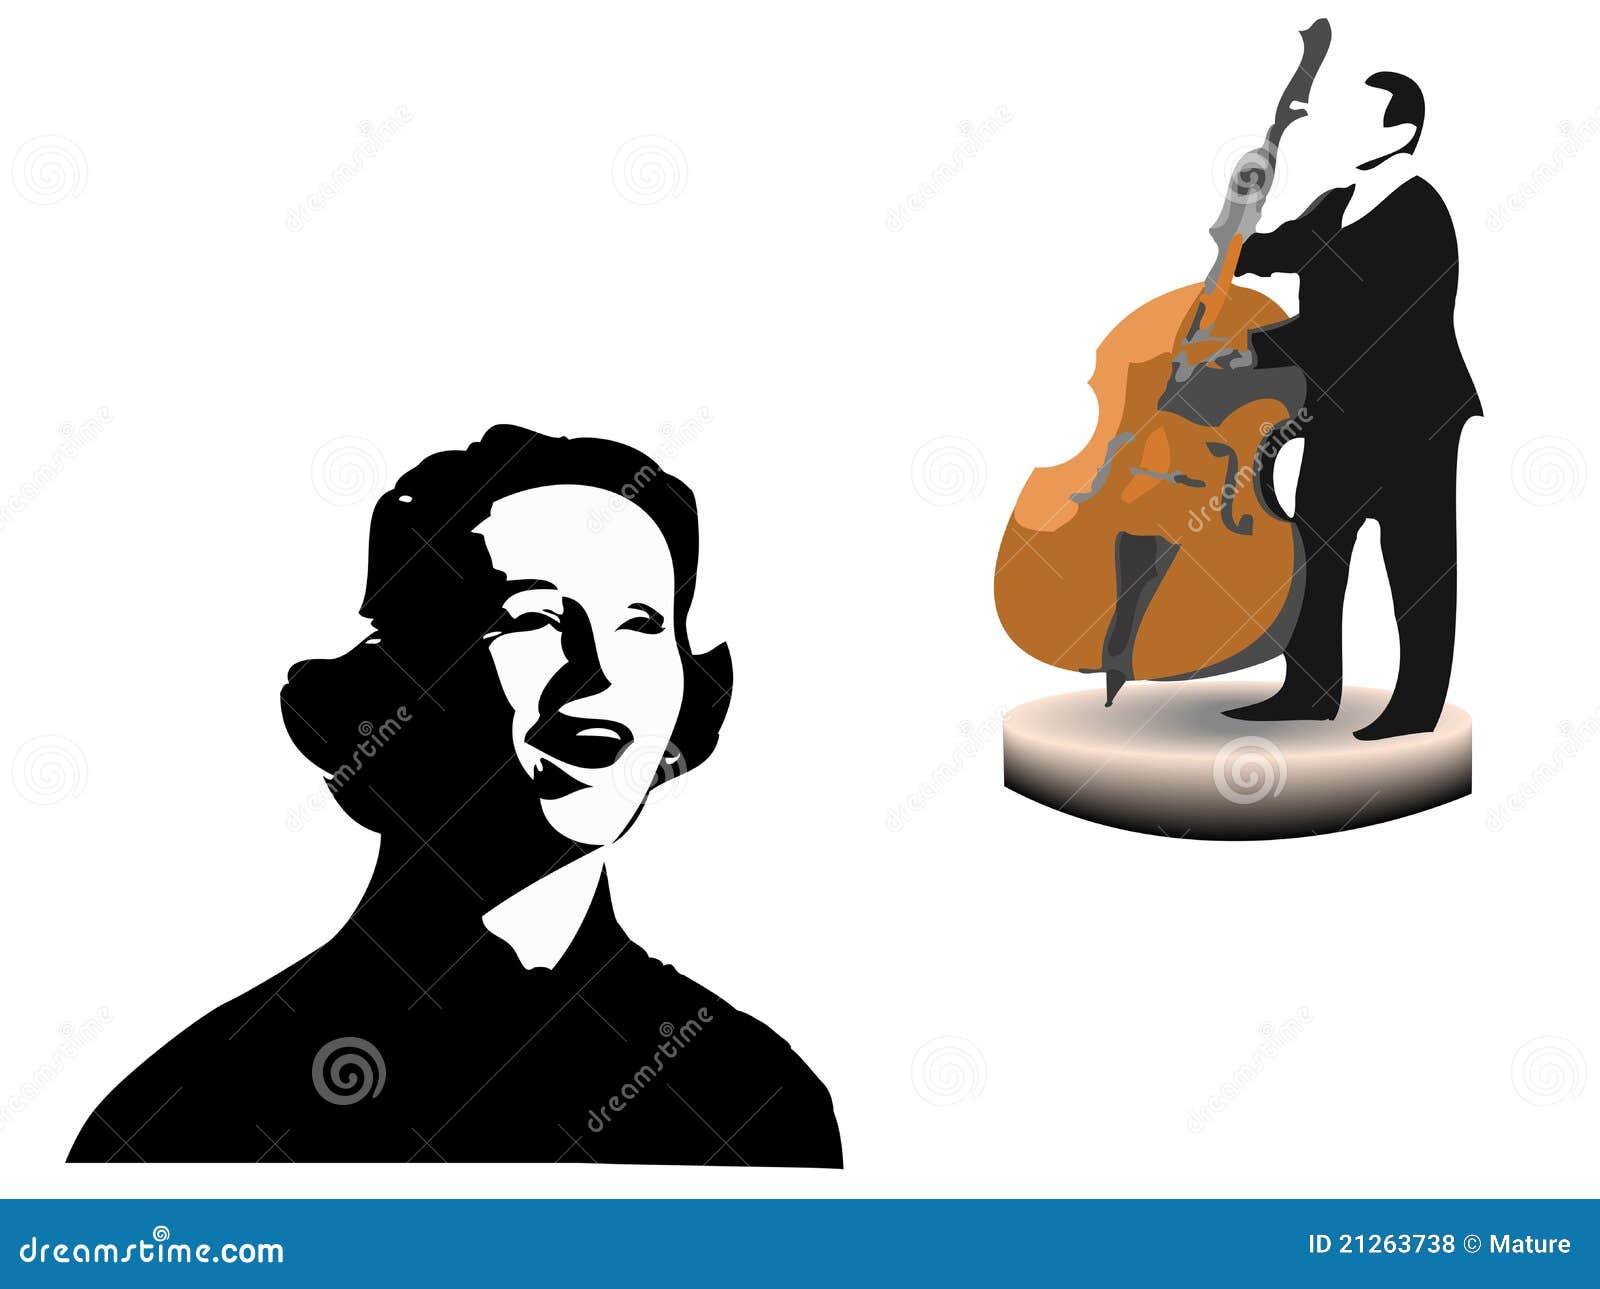 执行歌唱家歌曲白色的背景最低音爵士乐人.图片